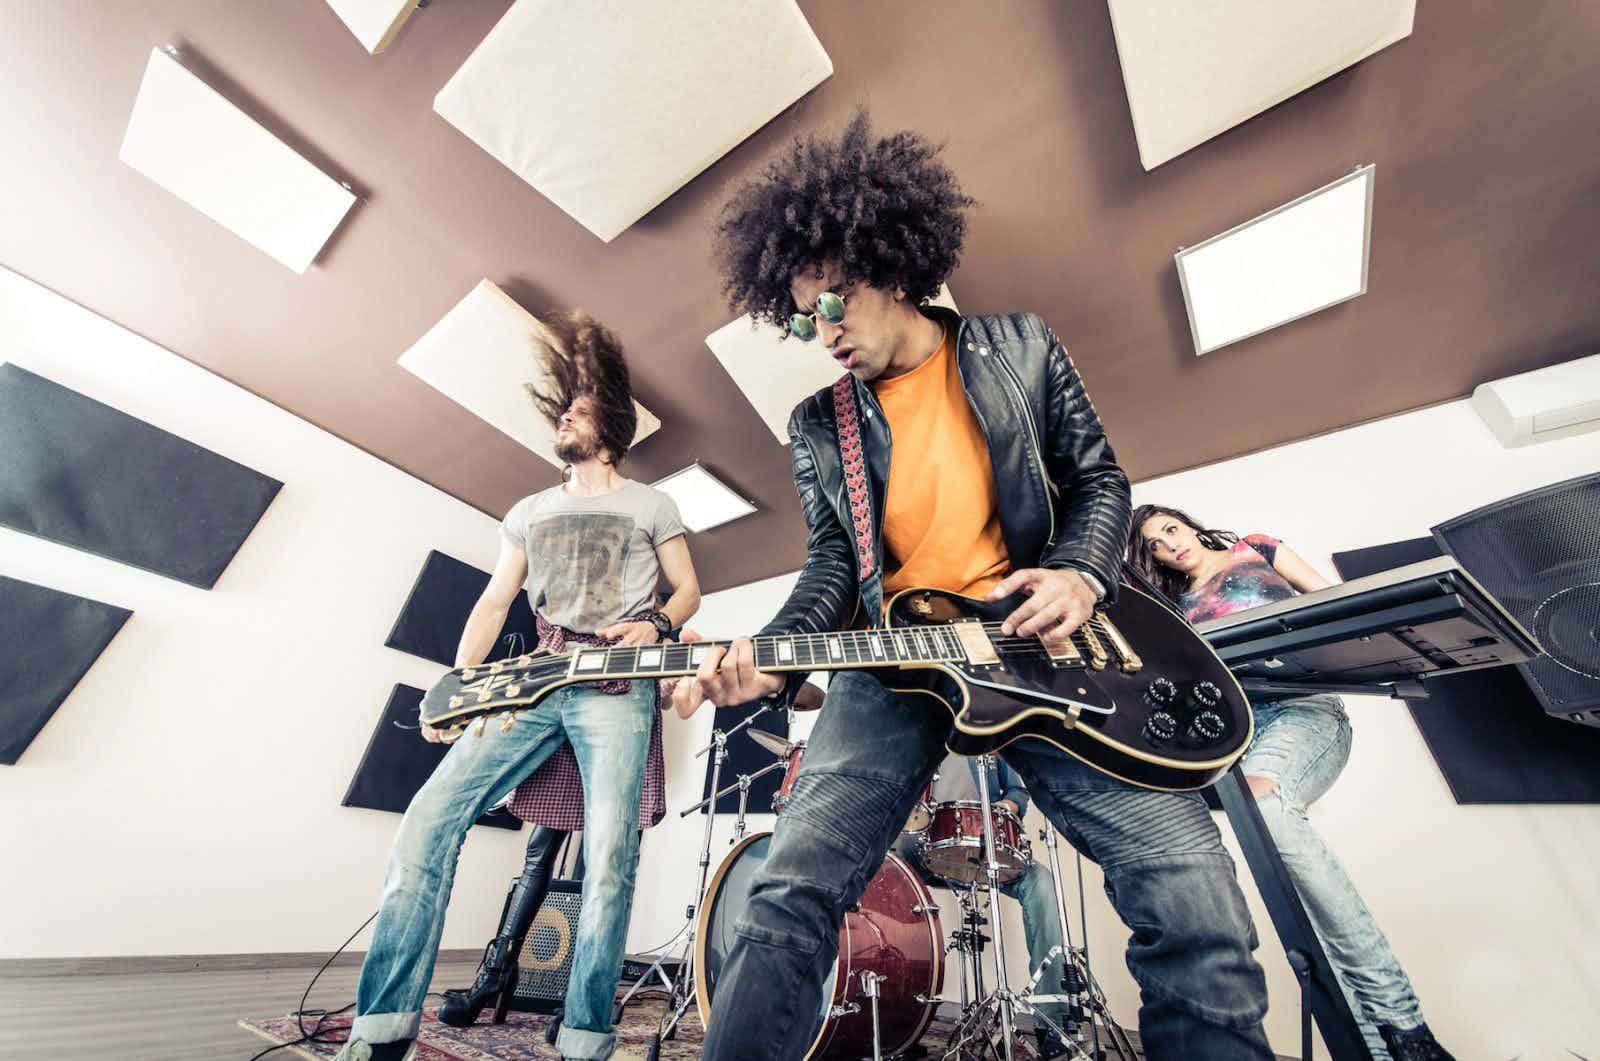 rock-bandje-2.jpg